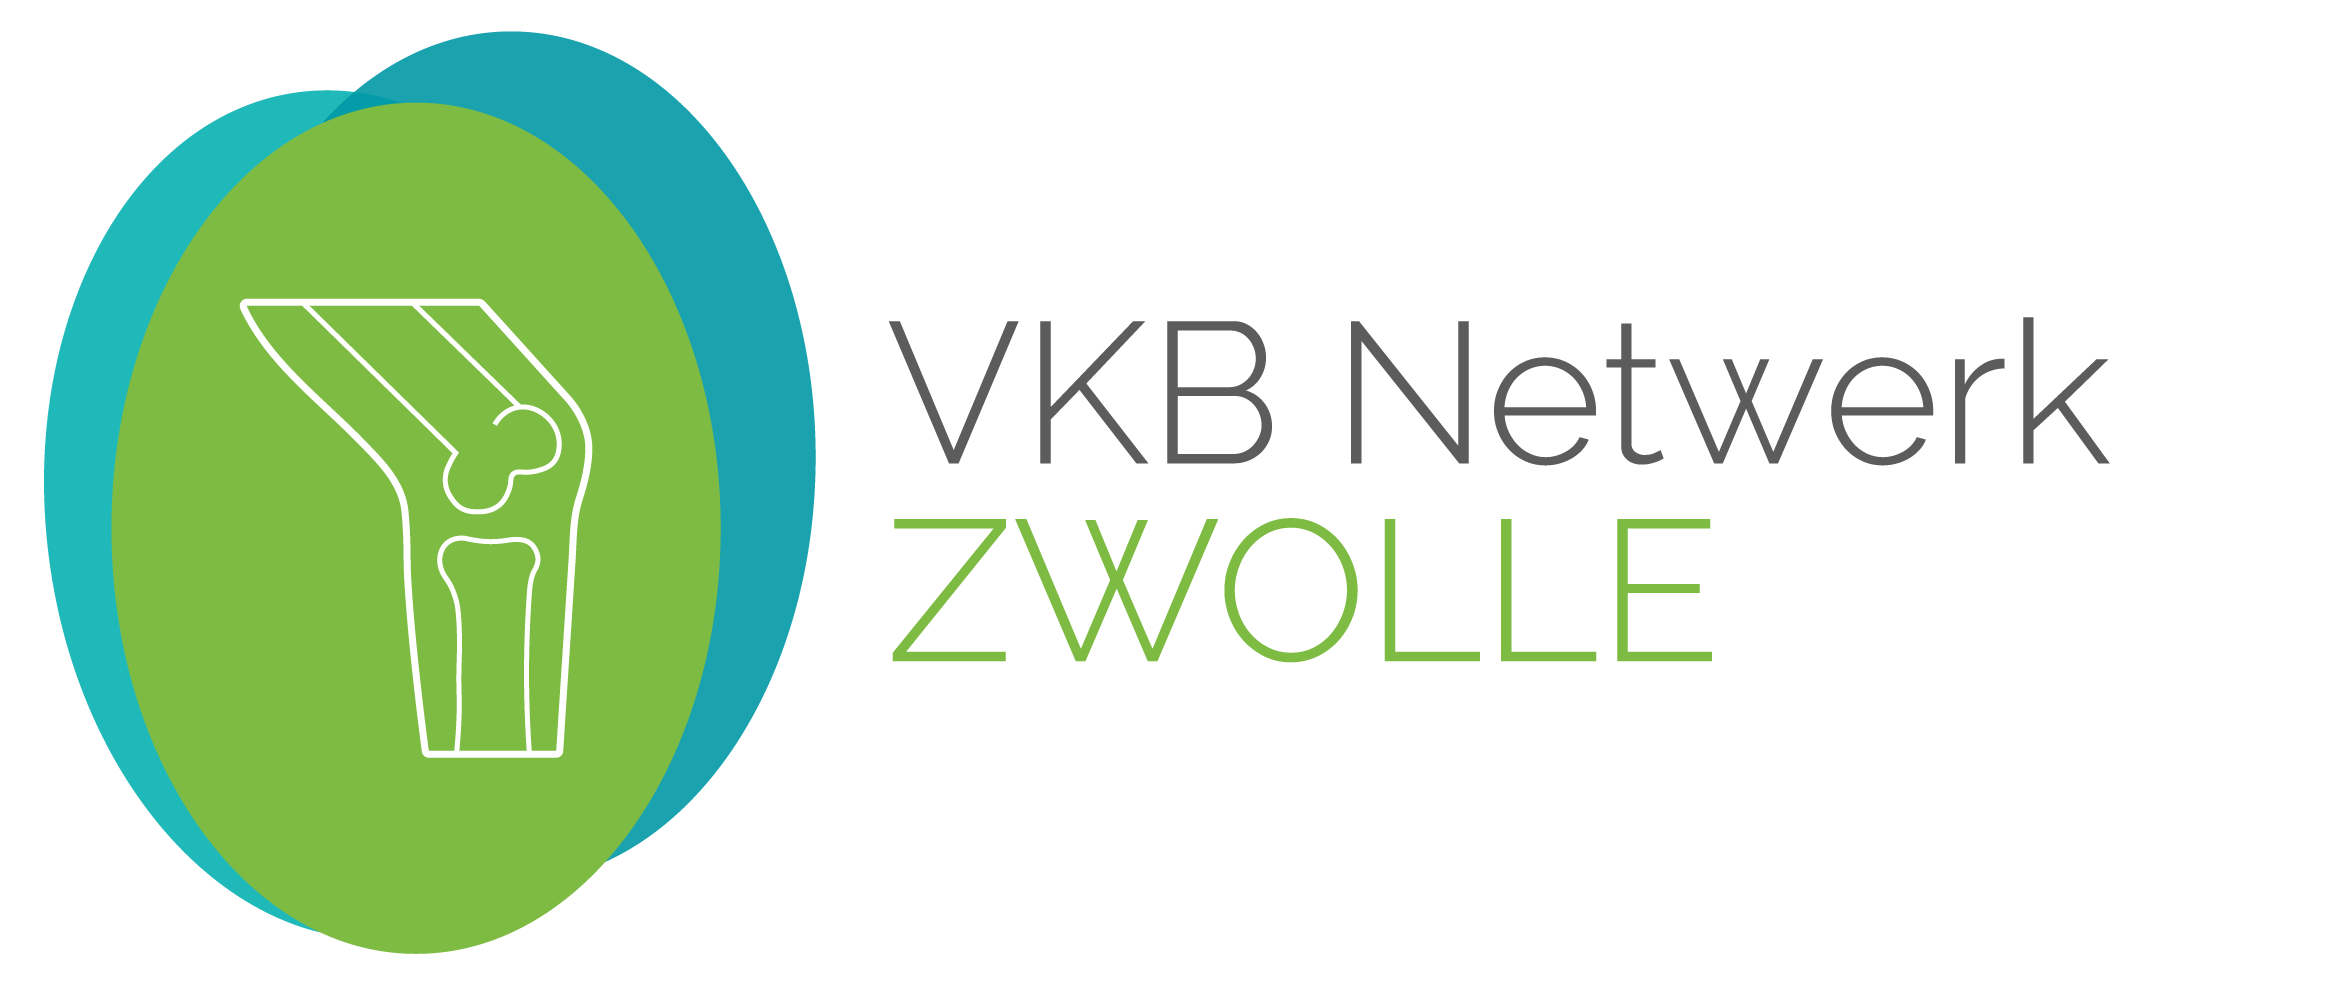 VKB Netwerk Zwolle